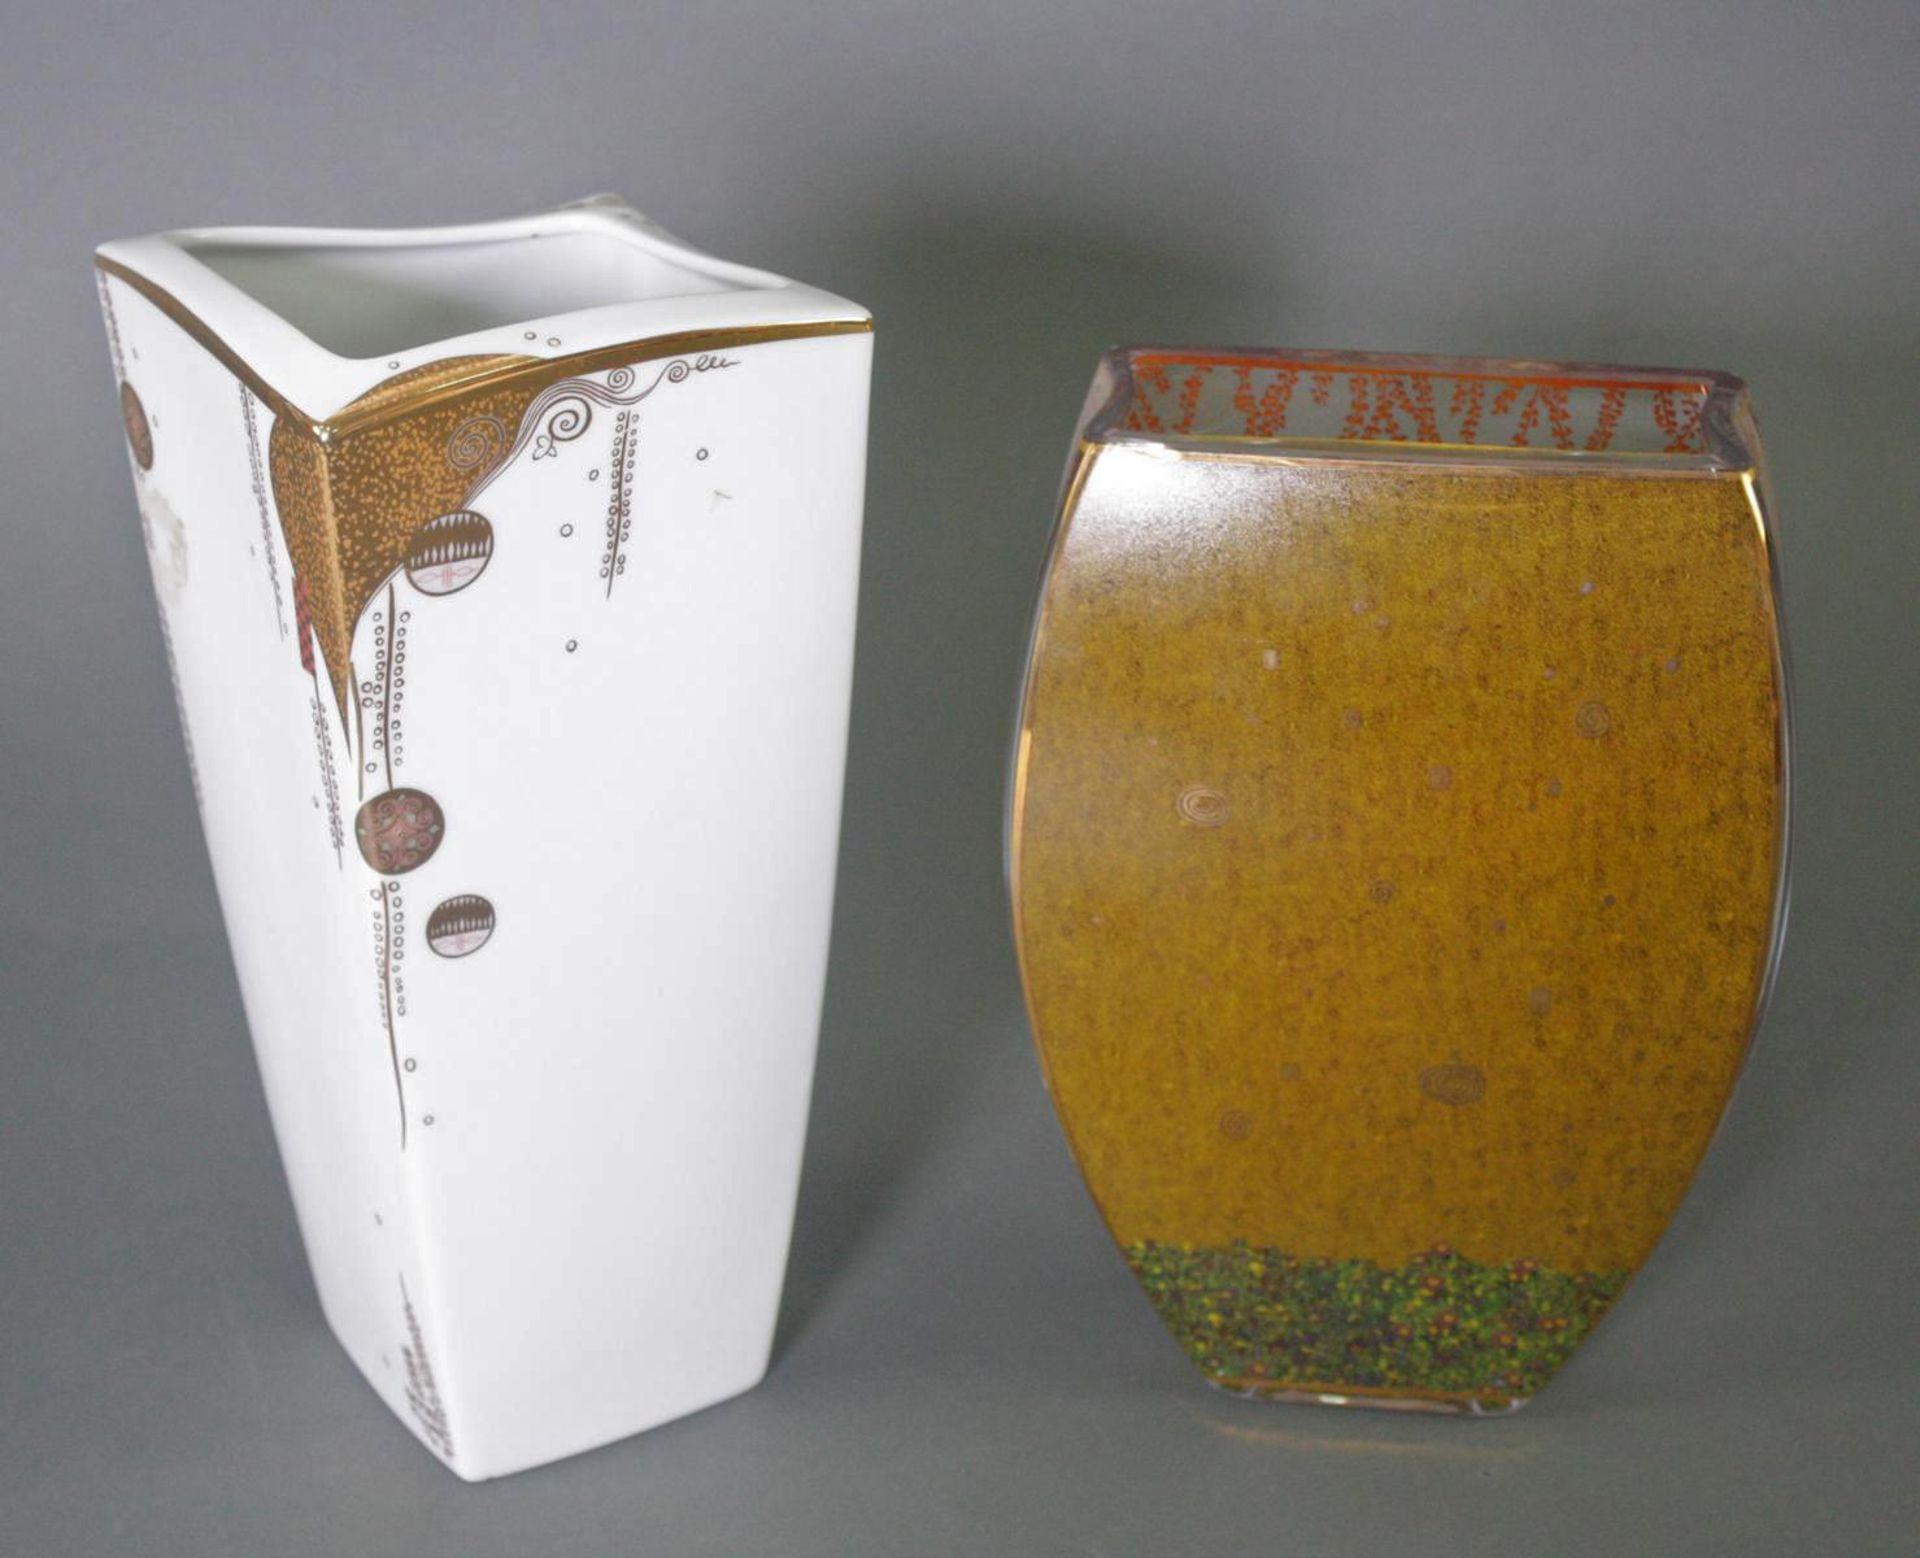 Zwei Goebel Artis Orbis Gustav Klimt Vasen. Porzellan und Glas - Bild 5 aus 7